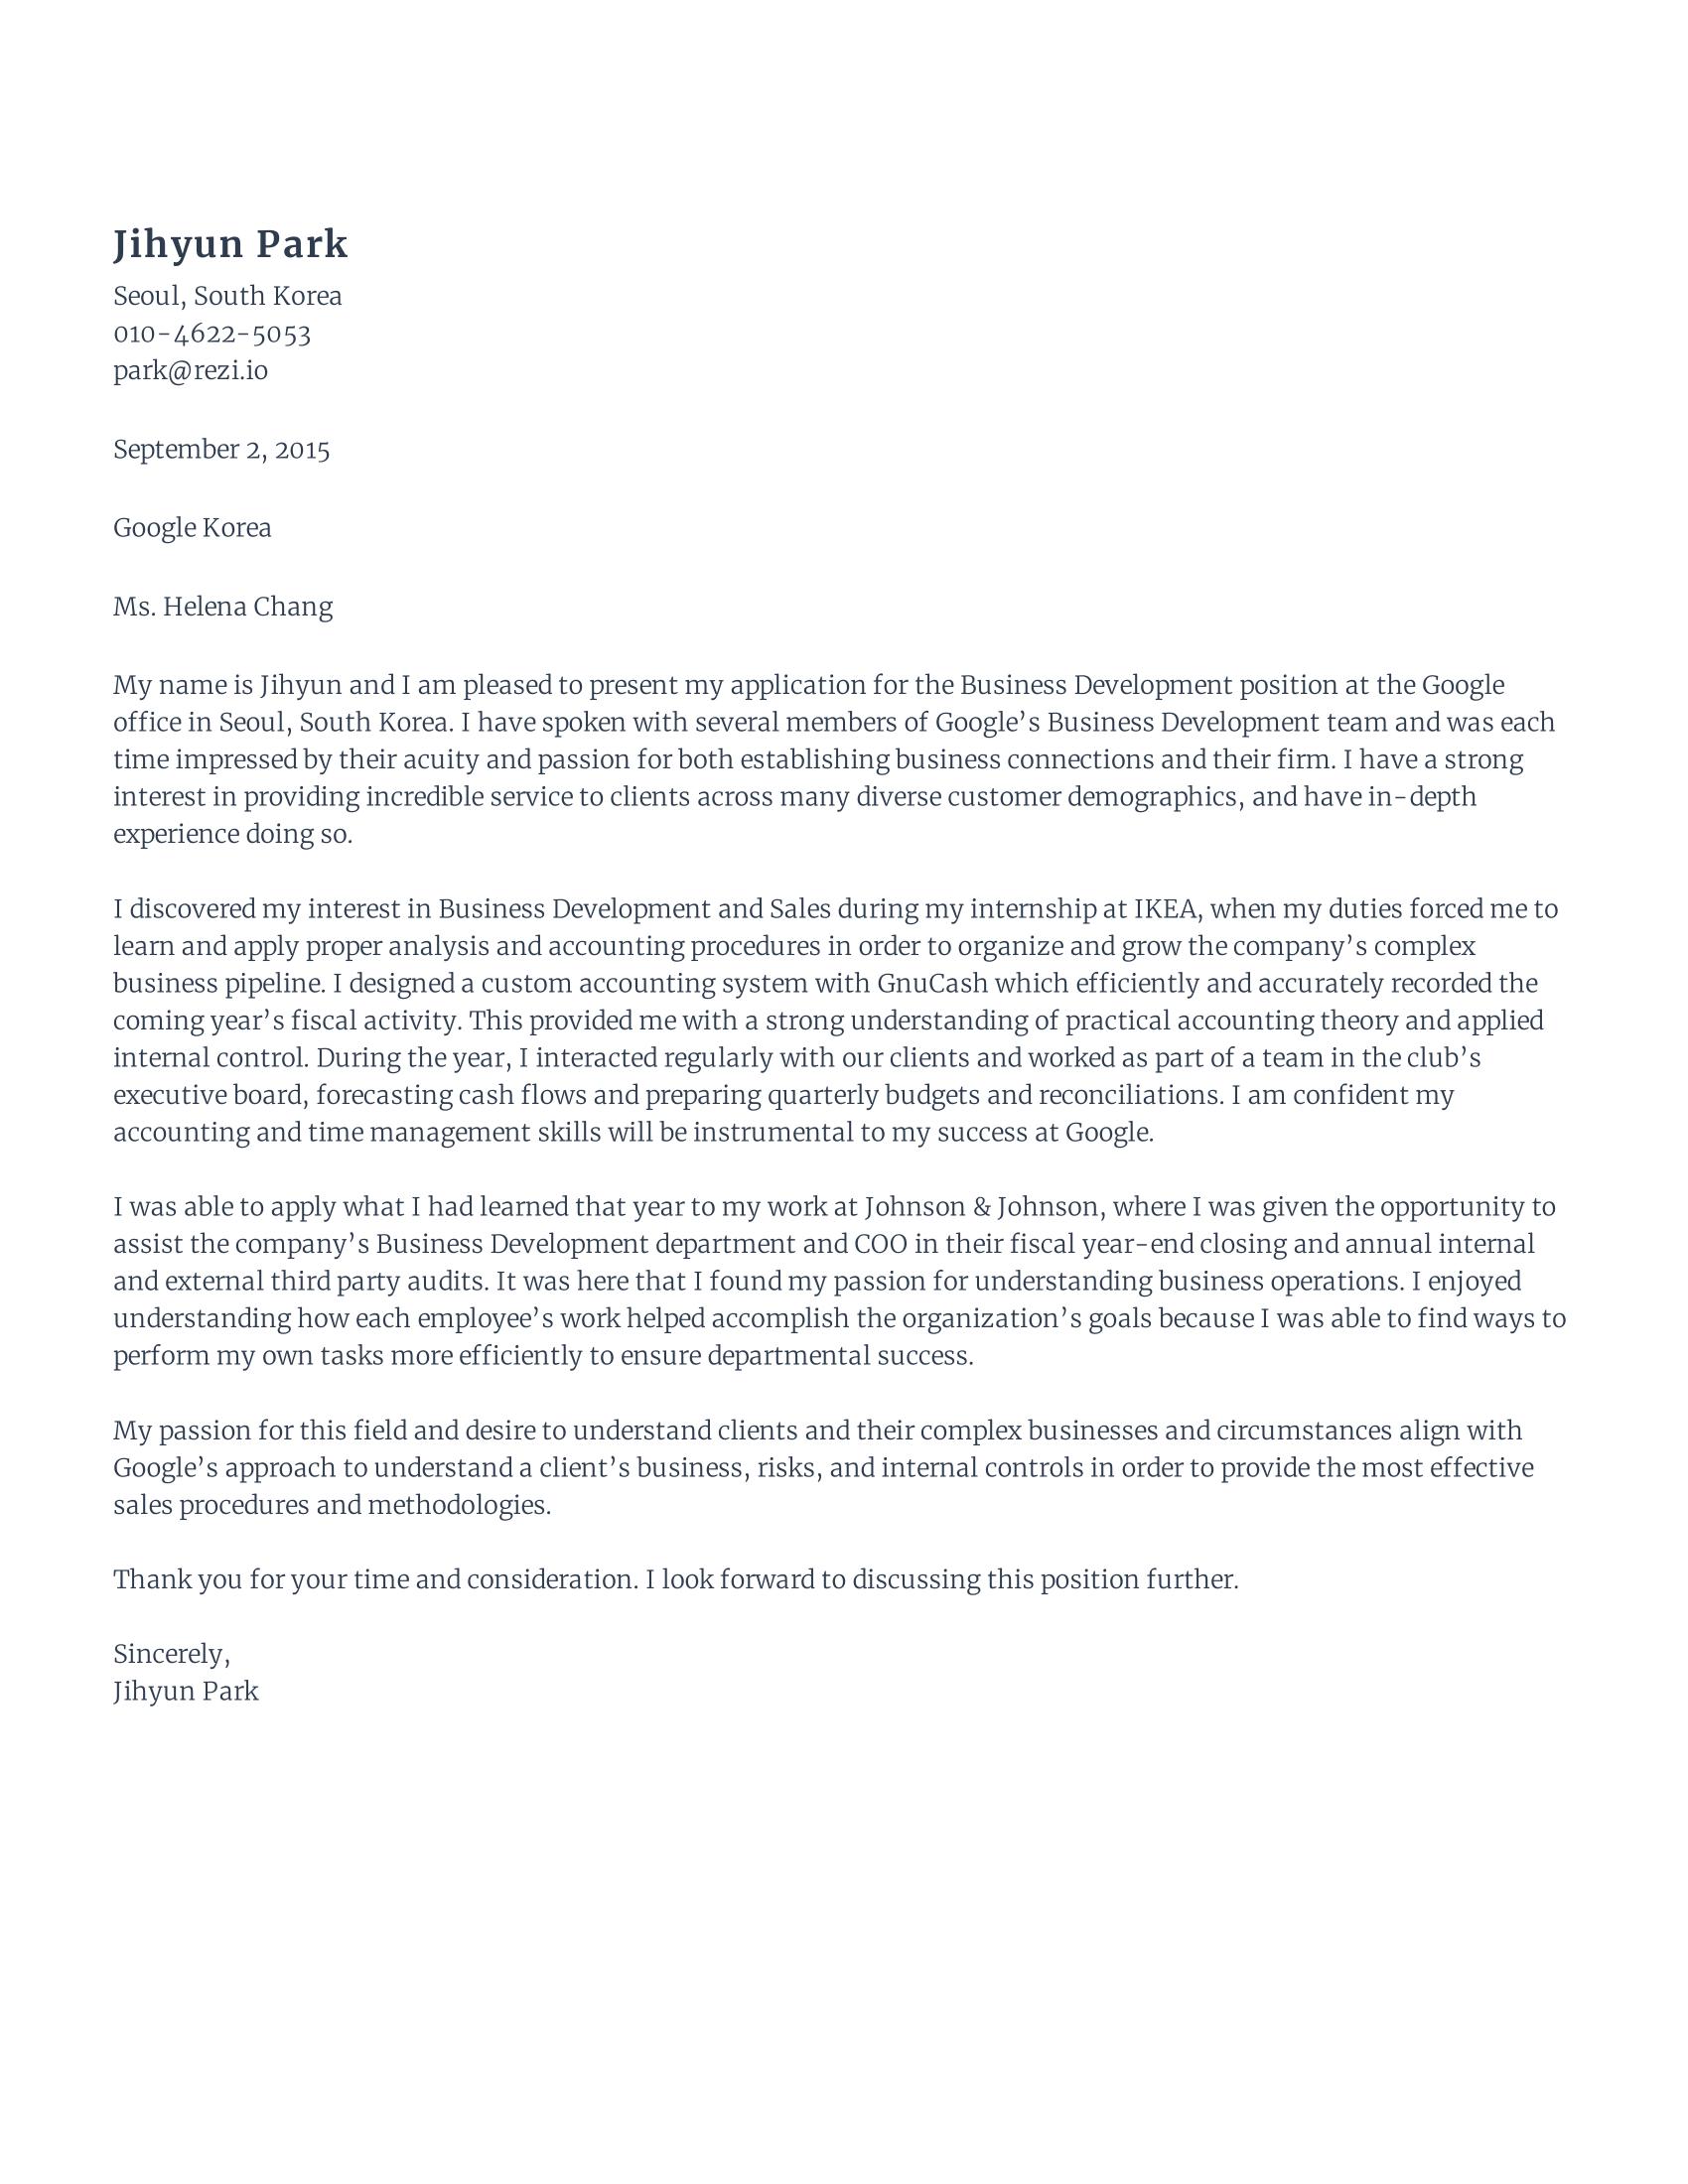 Business Development Cover Letter